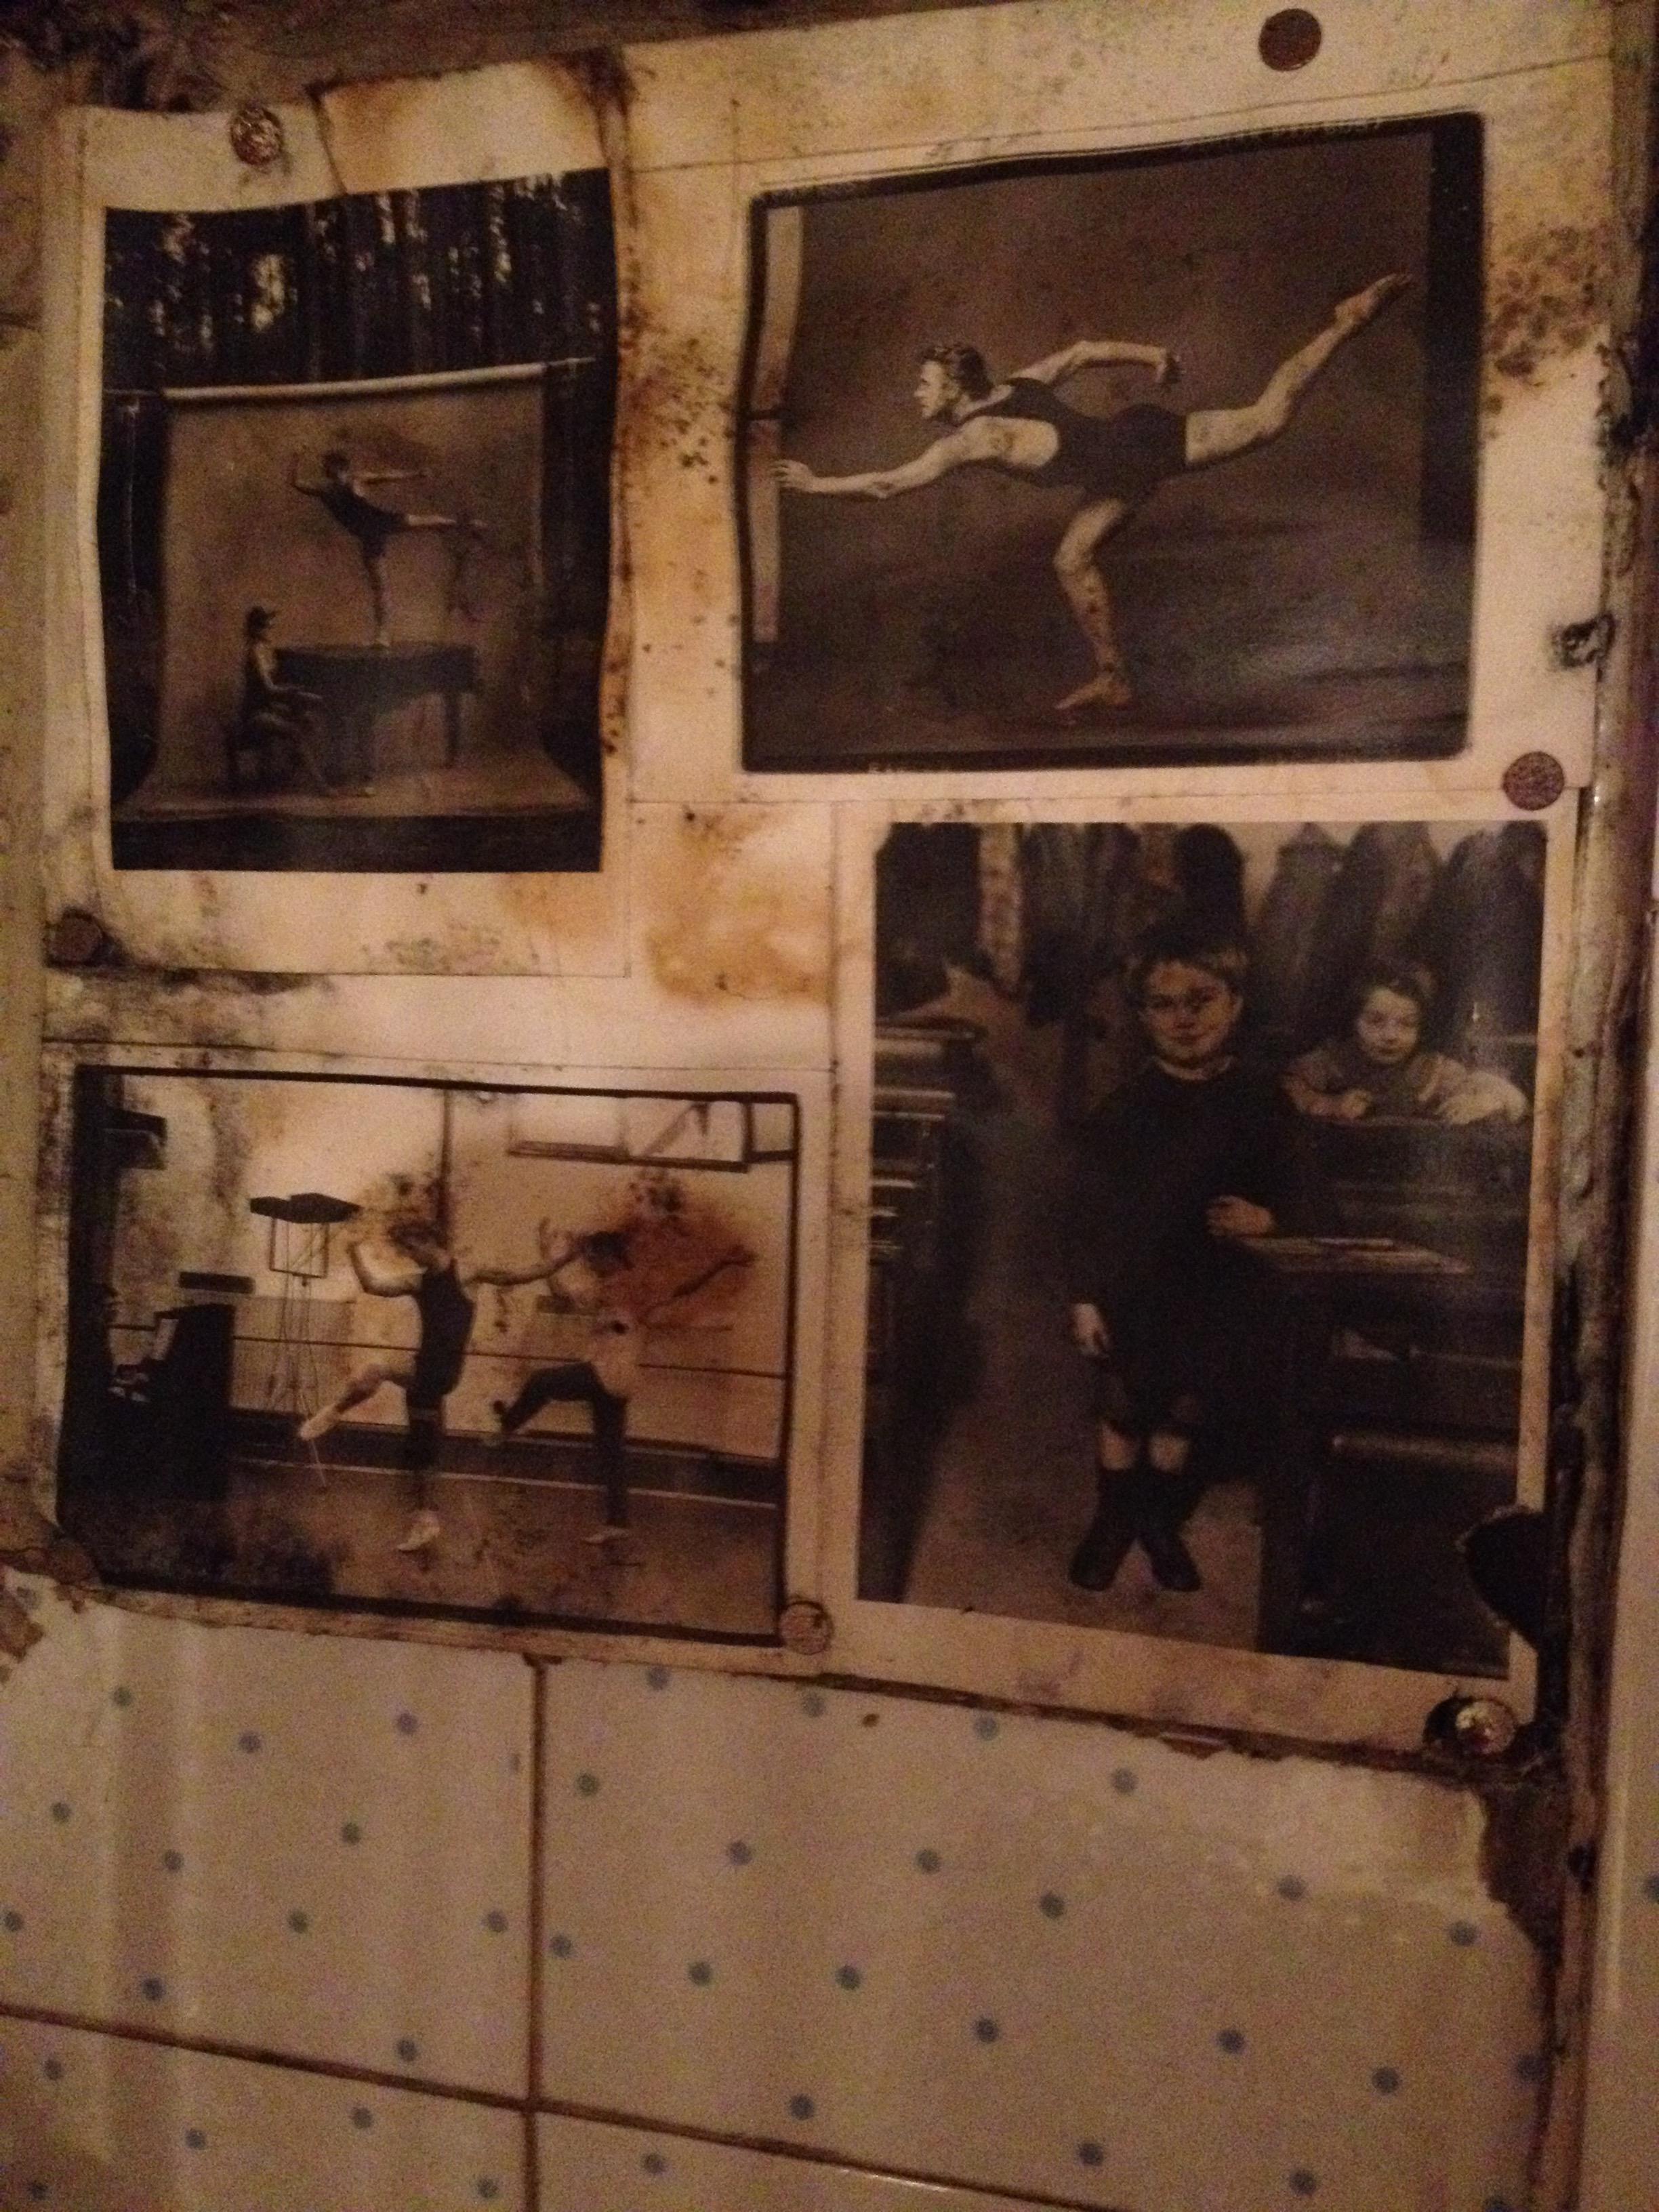 Photos of  Mikhail Baryshnikov by Annie Leibovitz found in a bathroom of a coffee shop in Seoul.